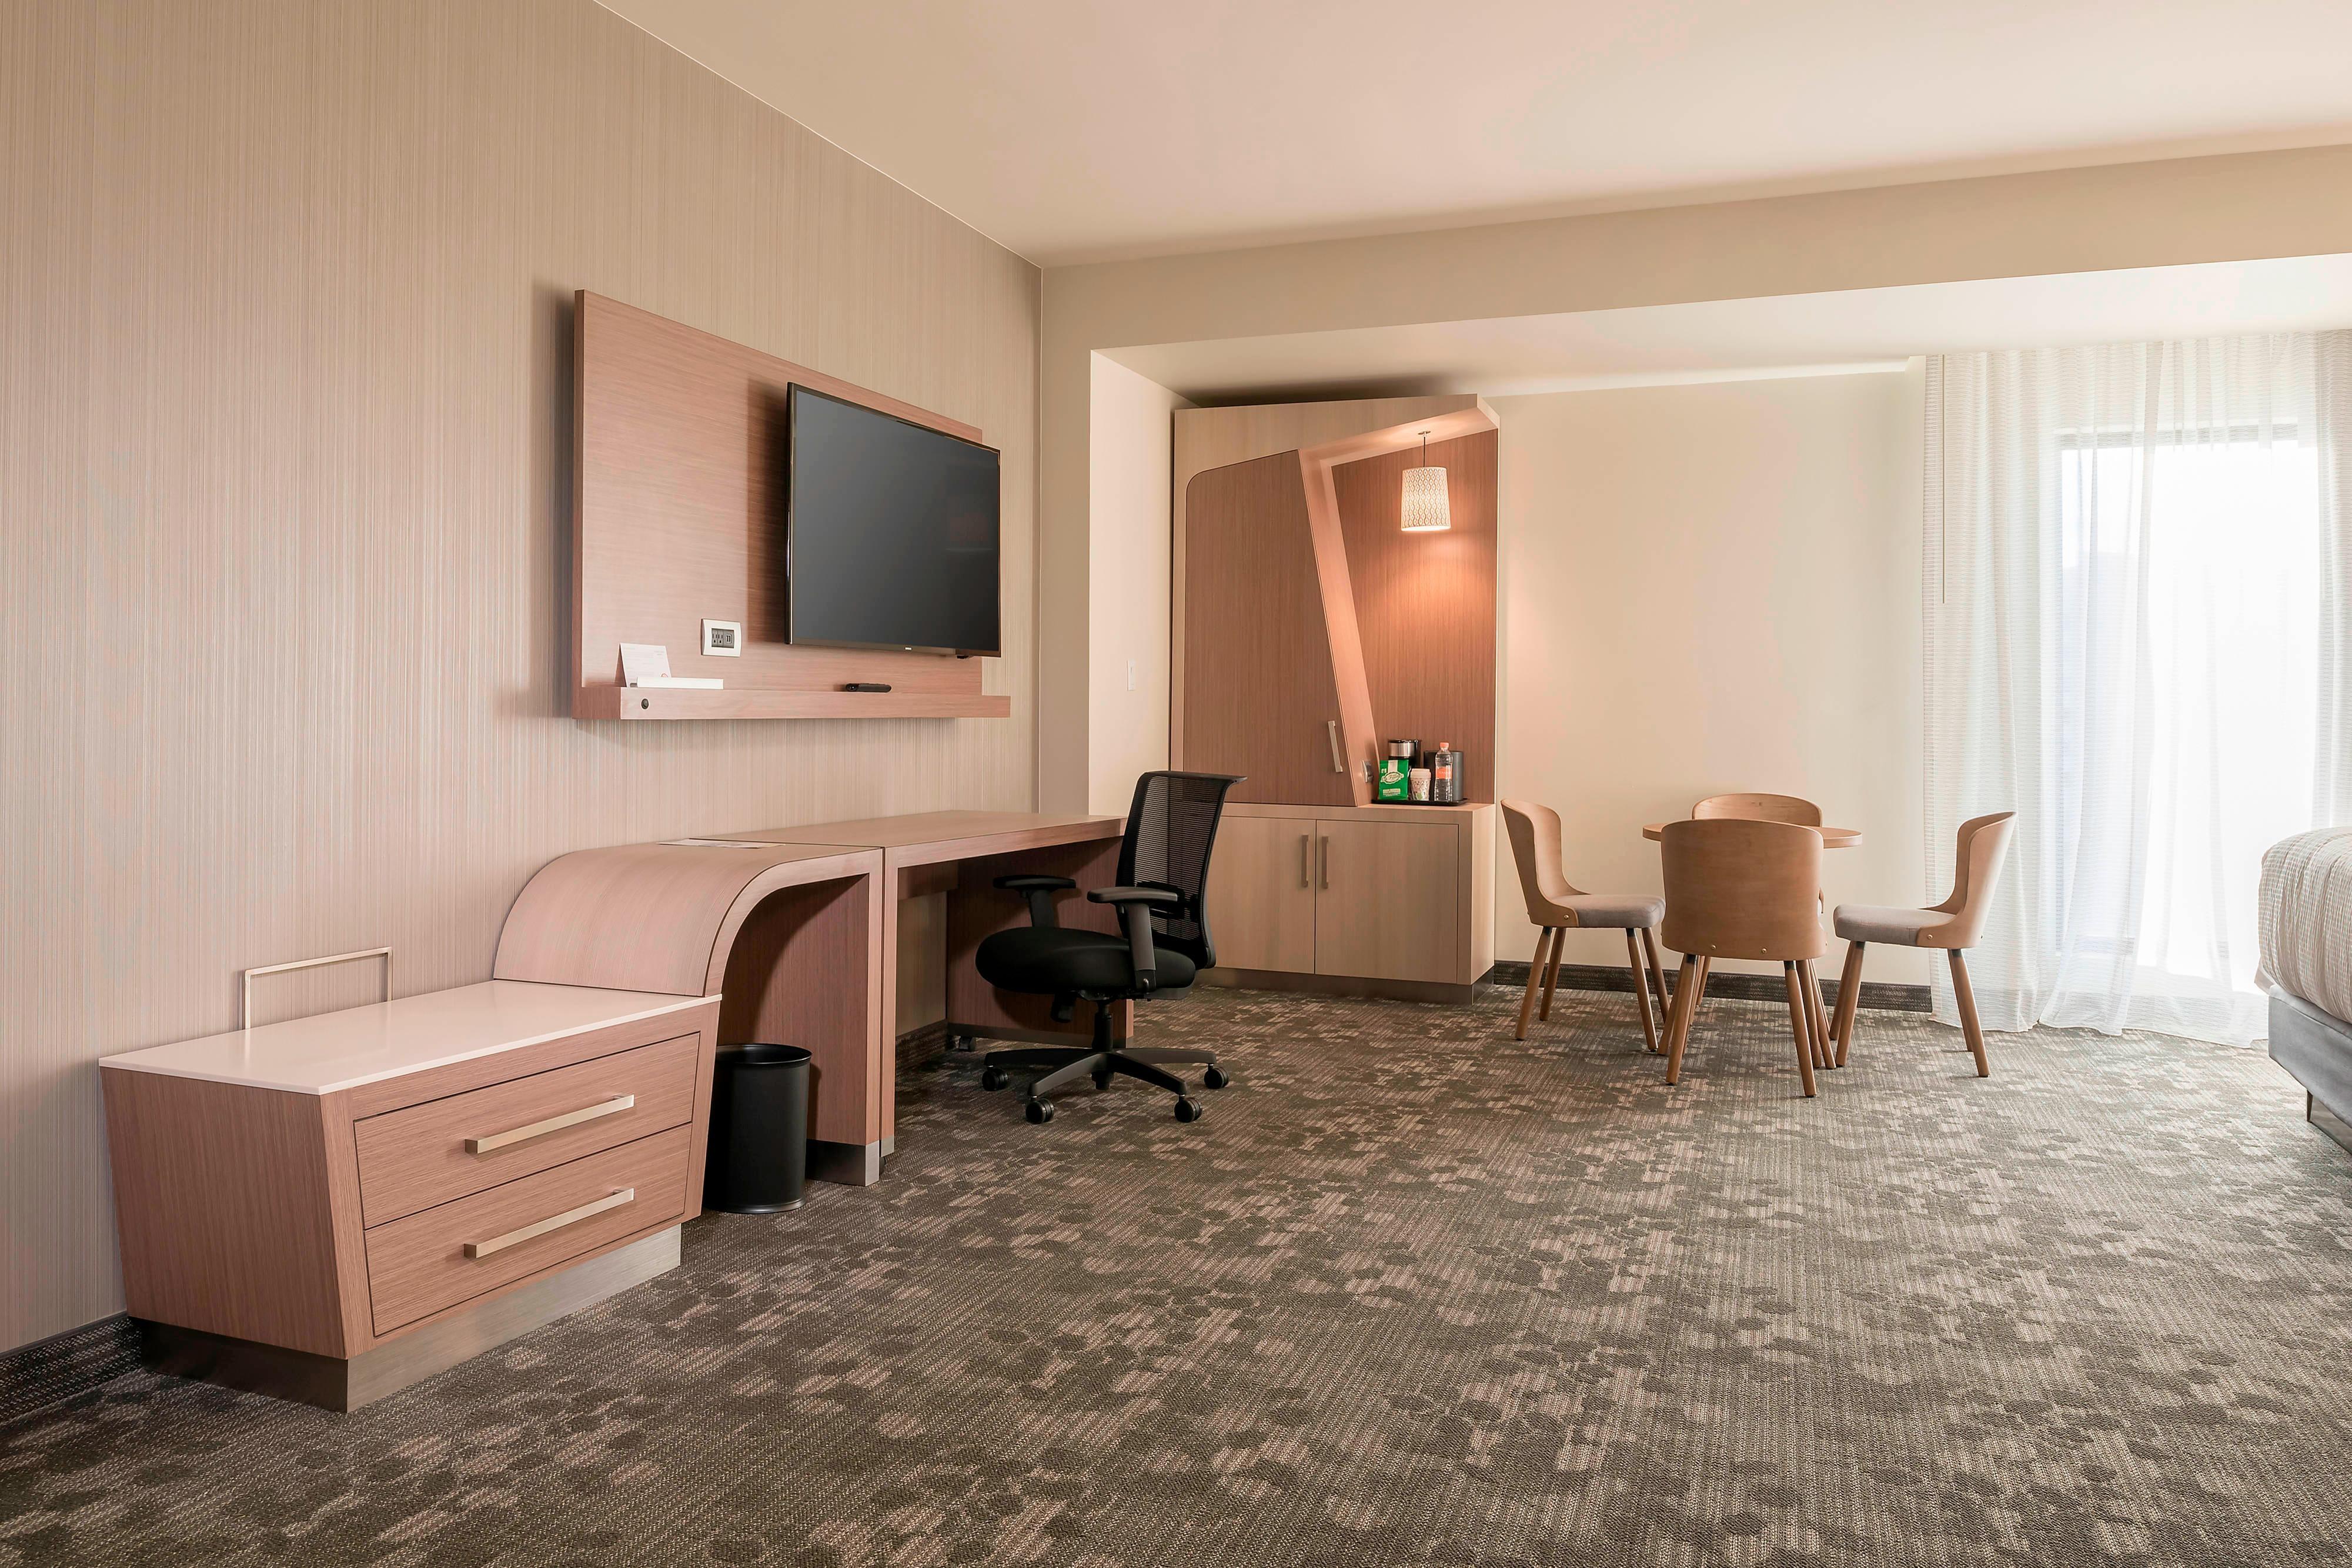 Chambre avec deux grands lits doubles adaptée aux séjours de longue durée